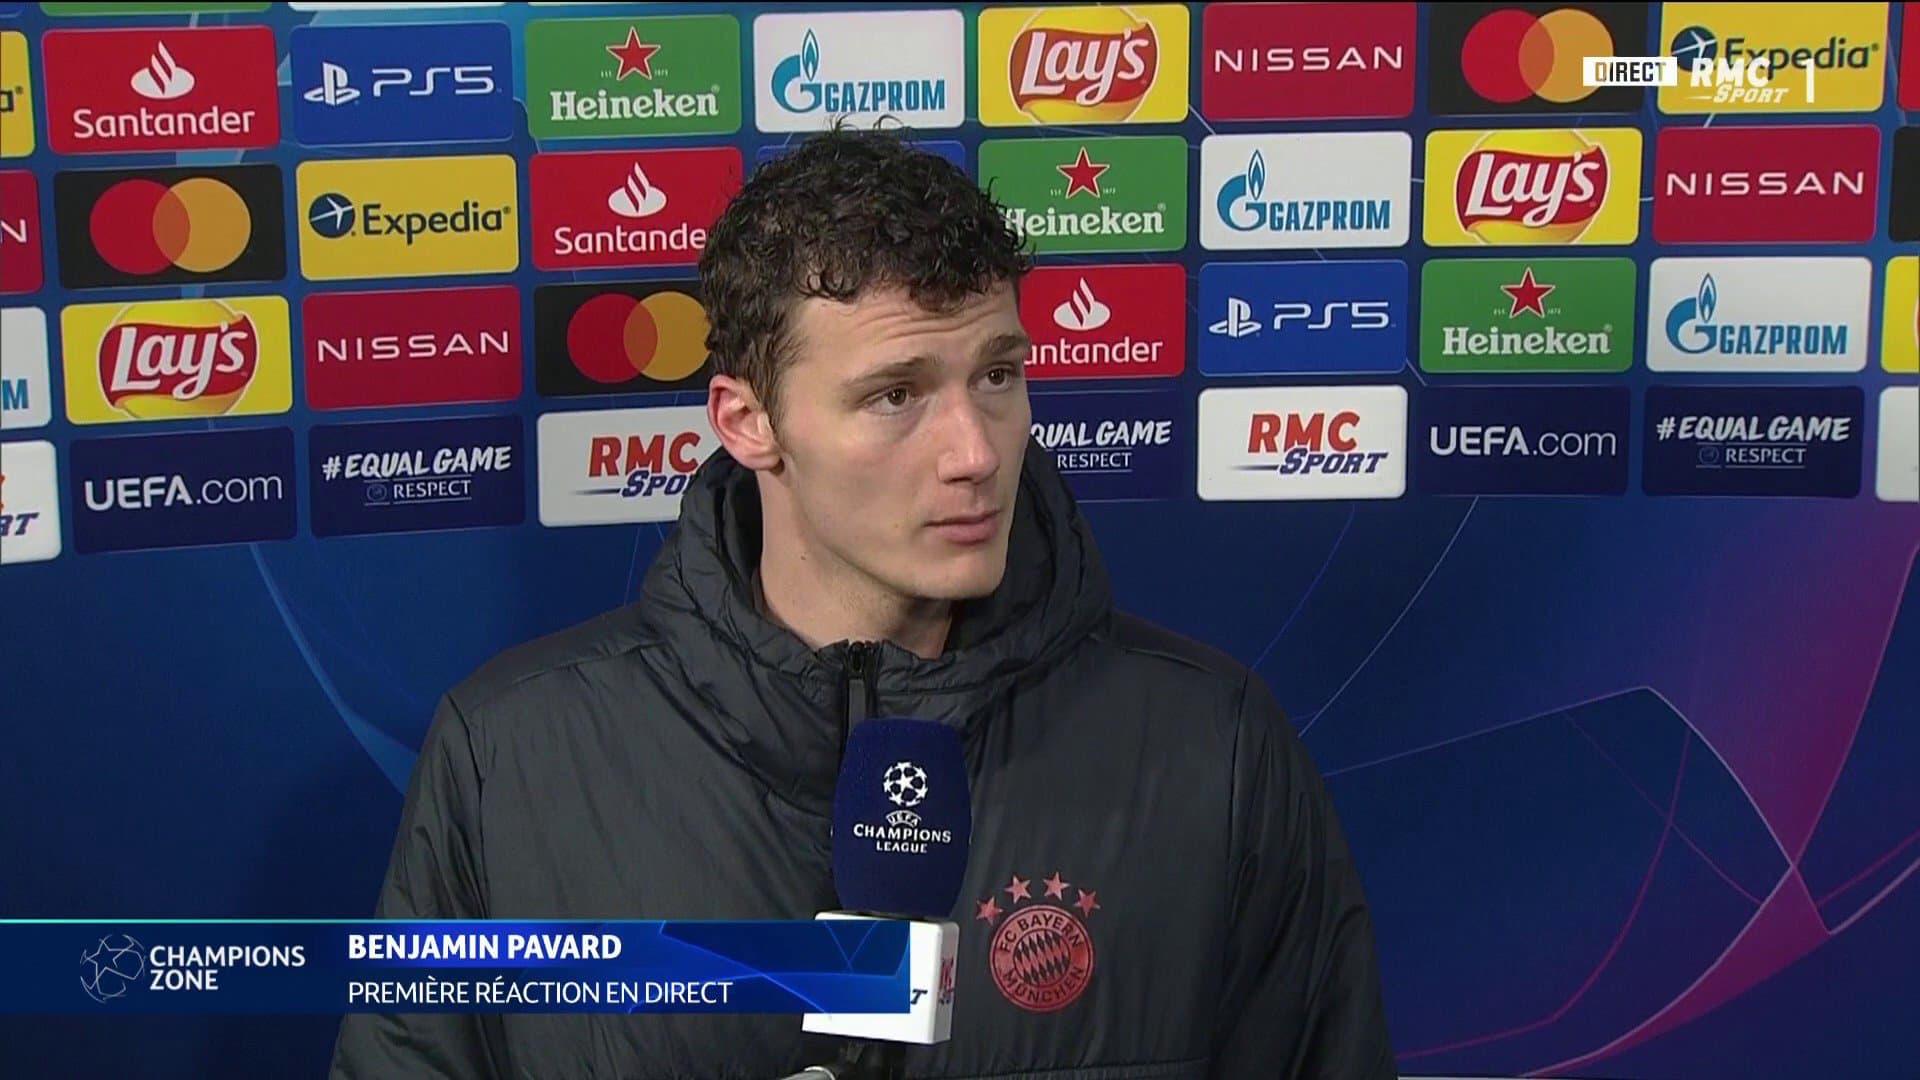 帕瓦尔:巴黎机会寥寥但把握住了,确信晋级的将是拜仁